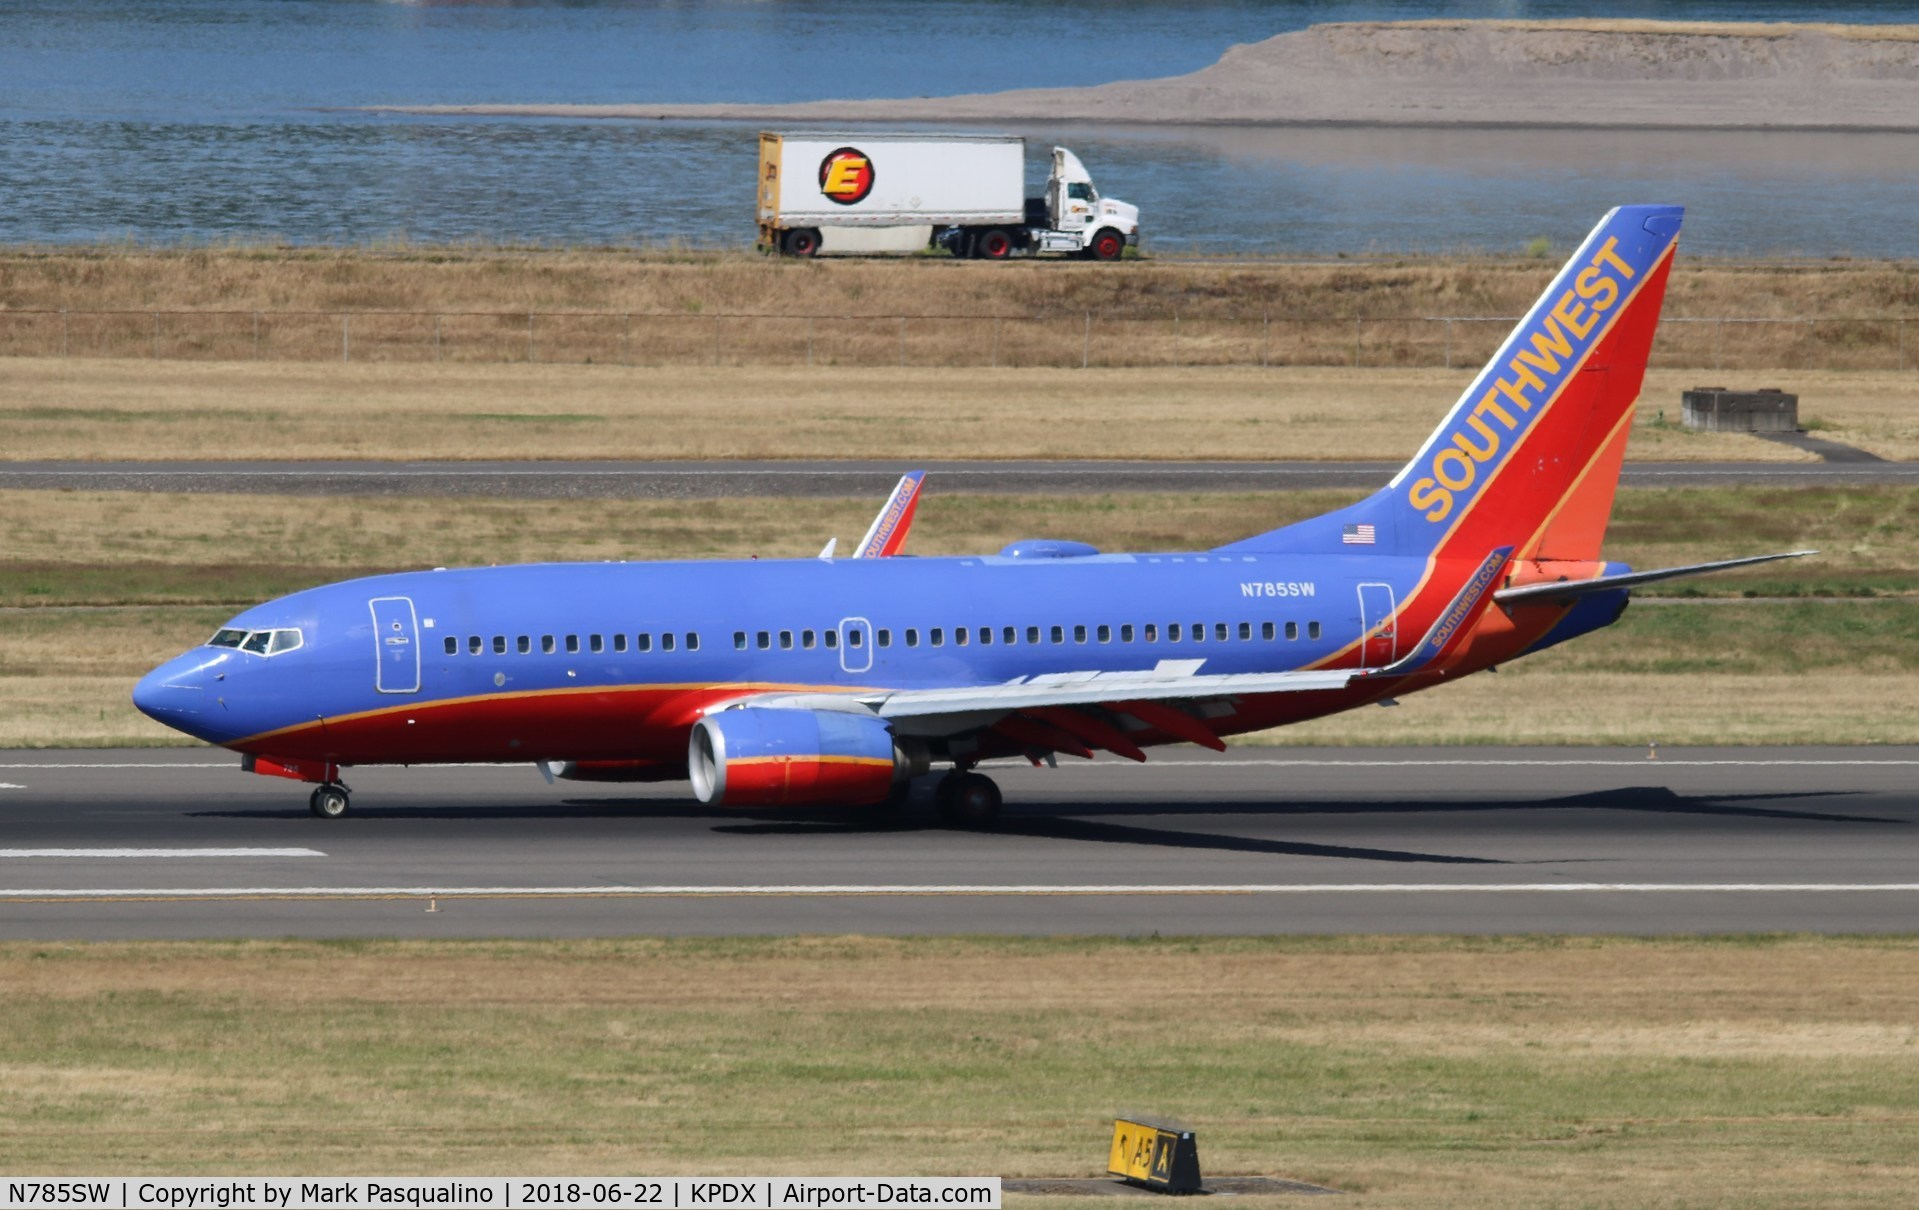 N785SW, 2000 Boeing 737-7H4 C/N 30602, Boeing 737-700